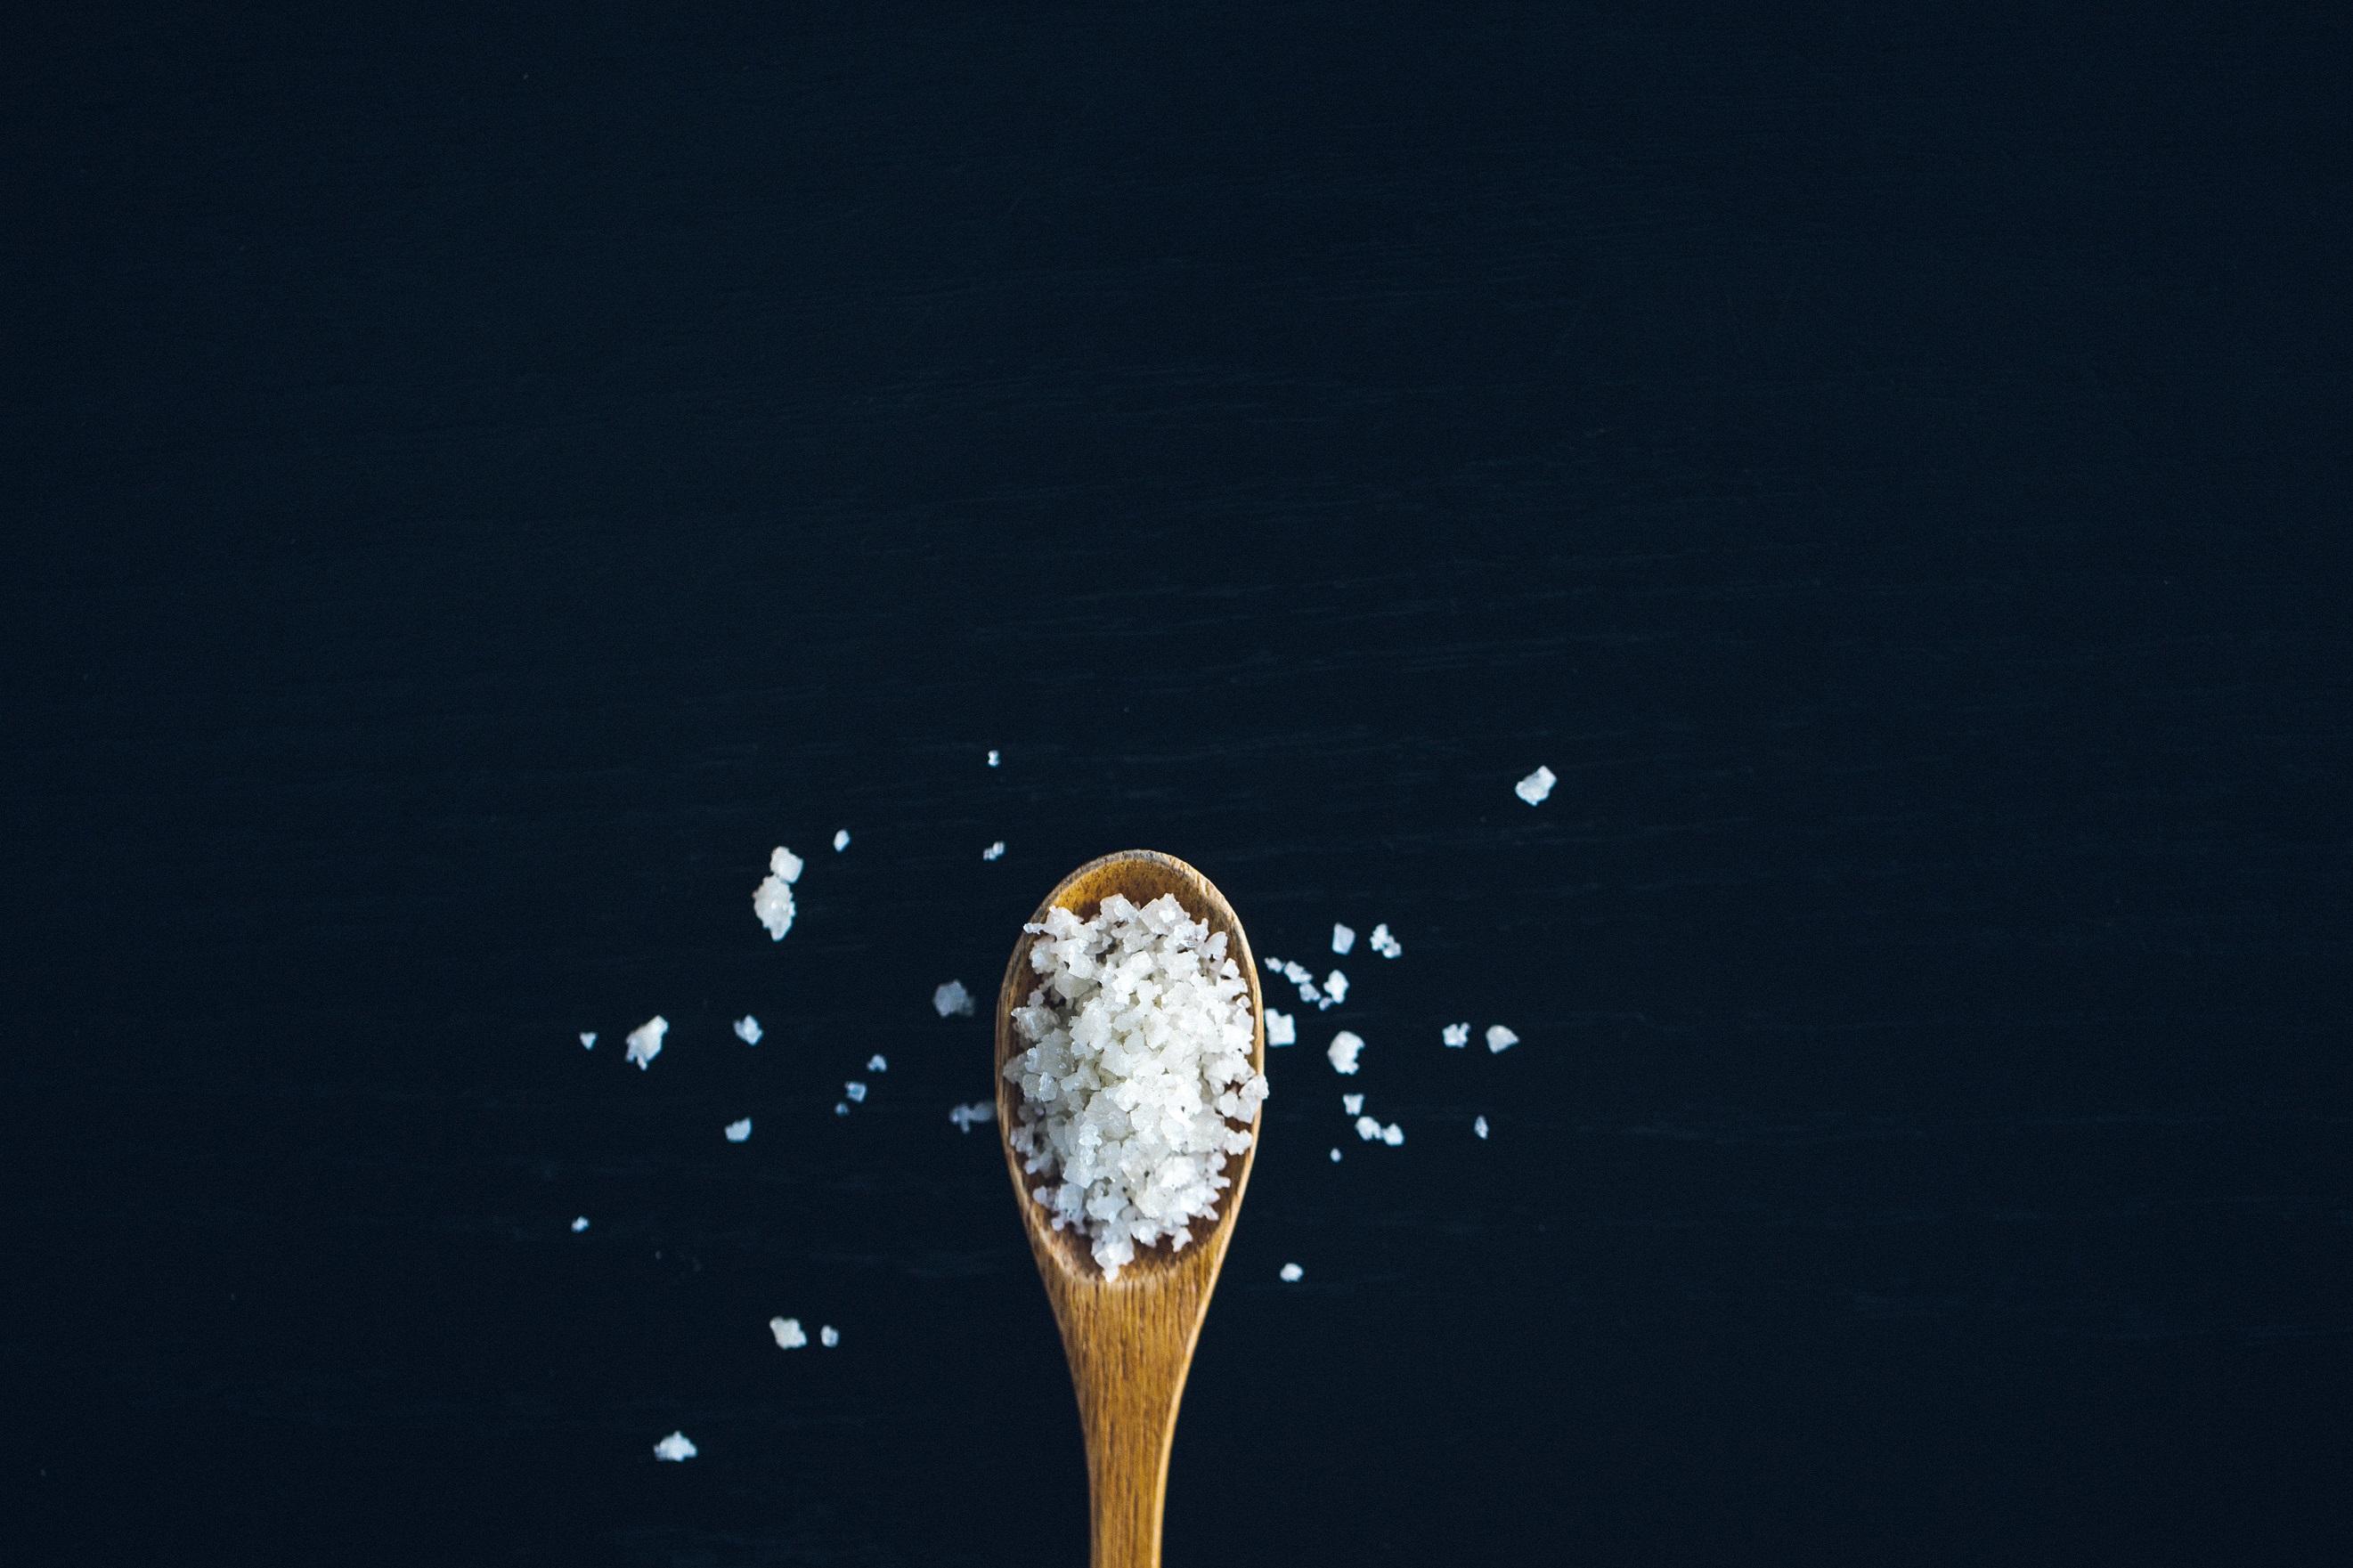 כמה מיקרופלסטיק יש במלח שלנו?